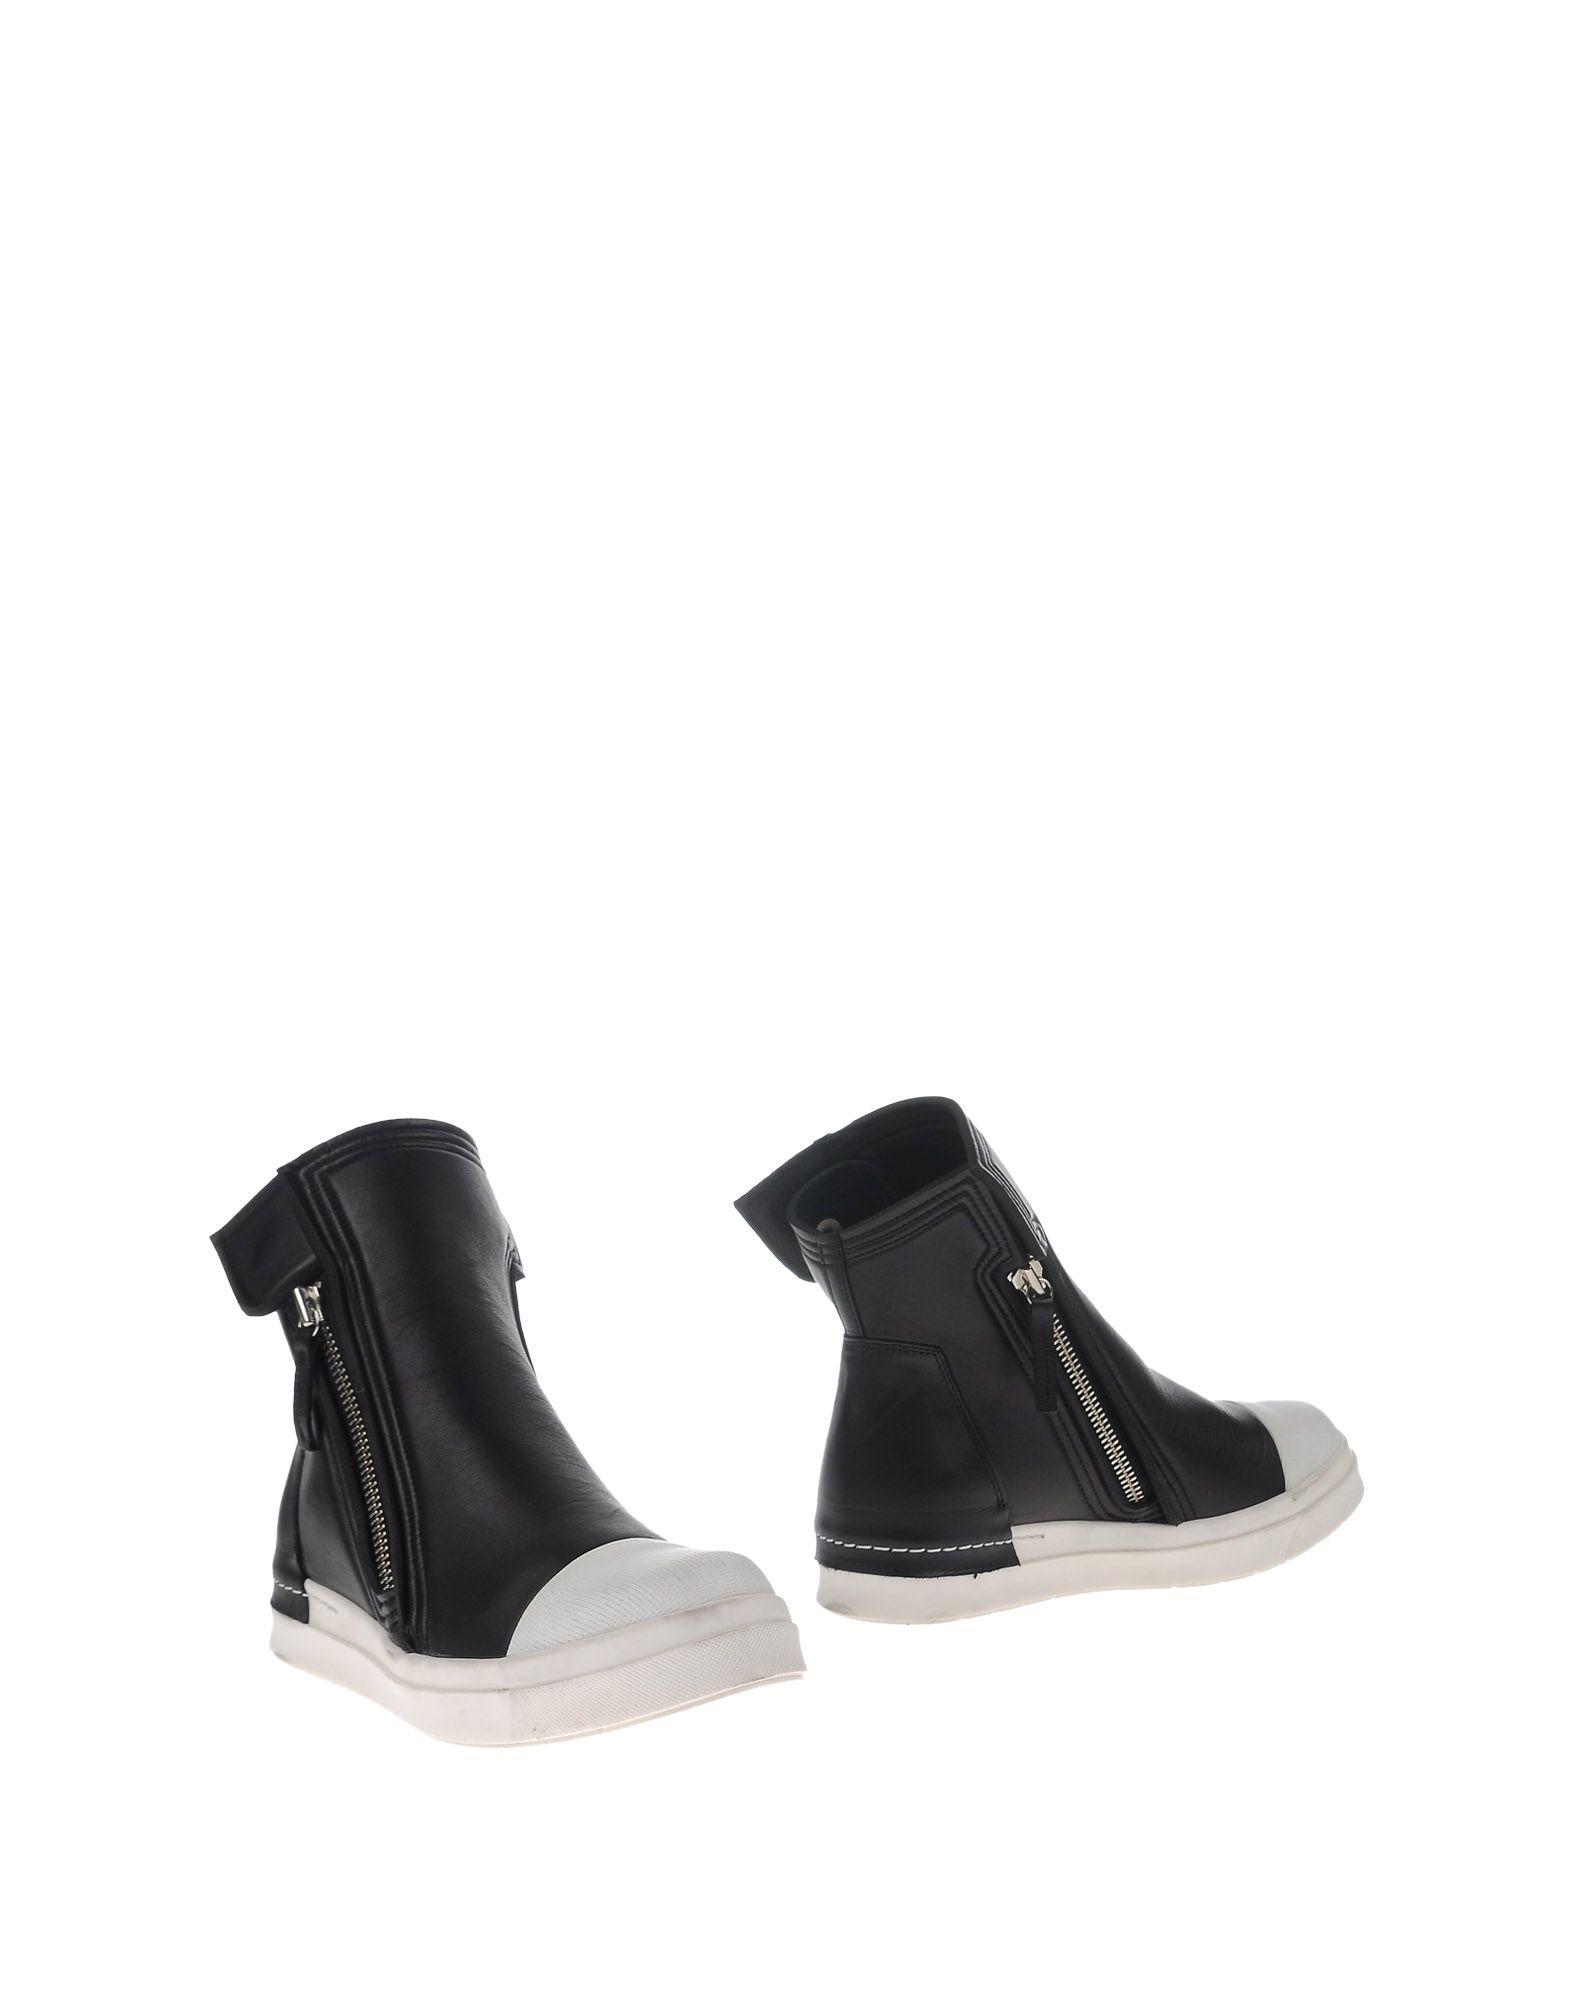 Ca By Cinzia Araia Stiefelette Herren  11088209AL Gute Qualität beliebte Schuhe